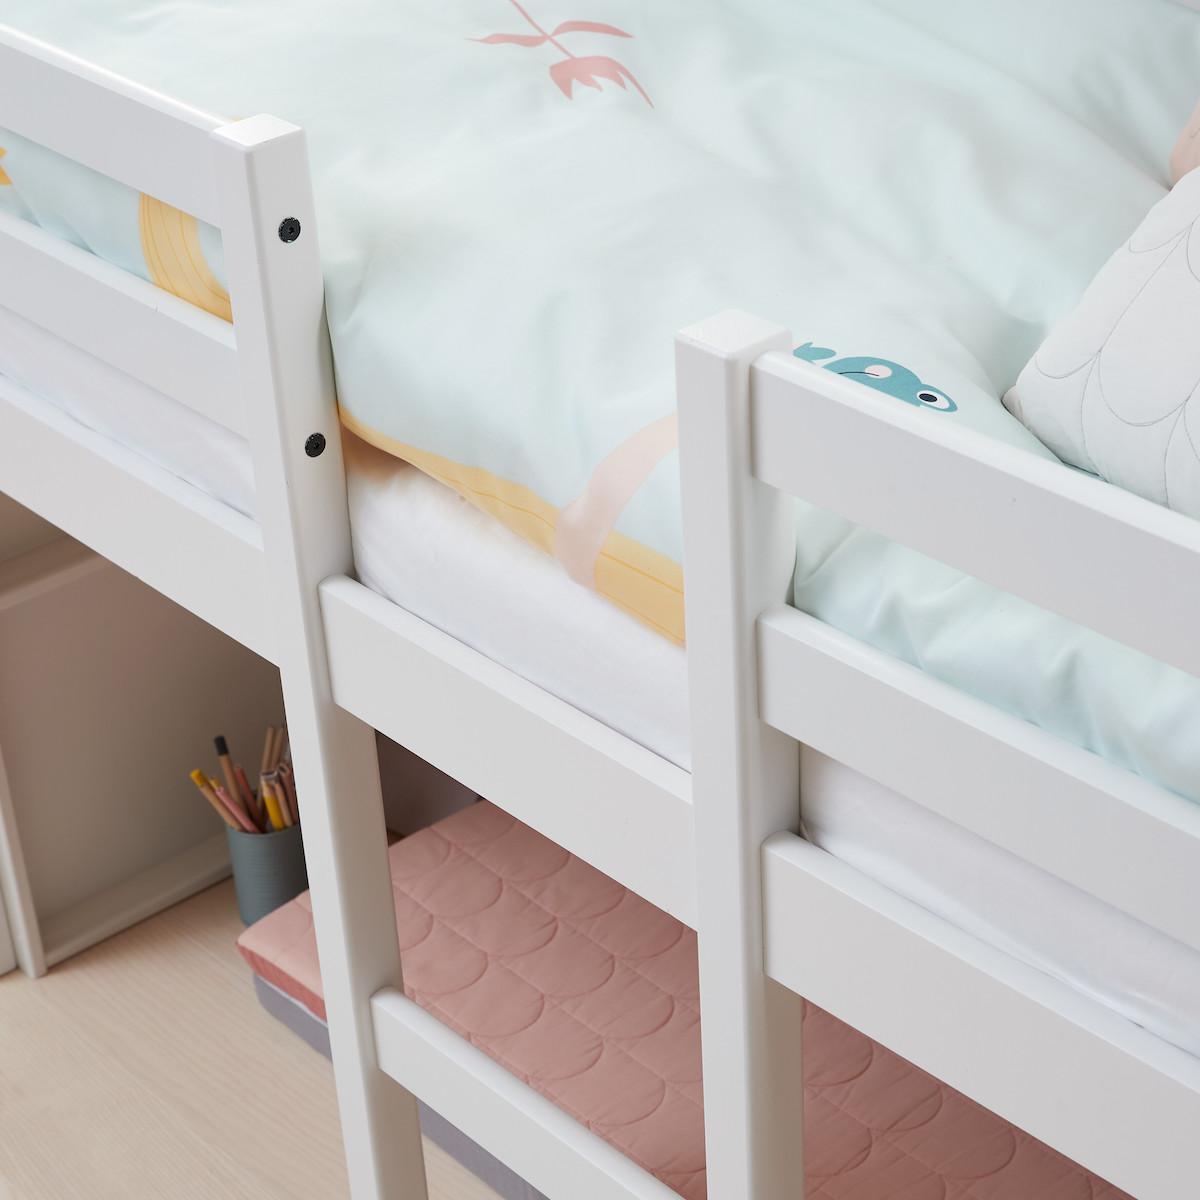 Lit mi hauteur junior 160x70cm tête de lit ALFRED Flexa full white